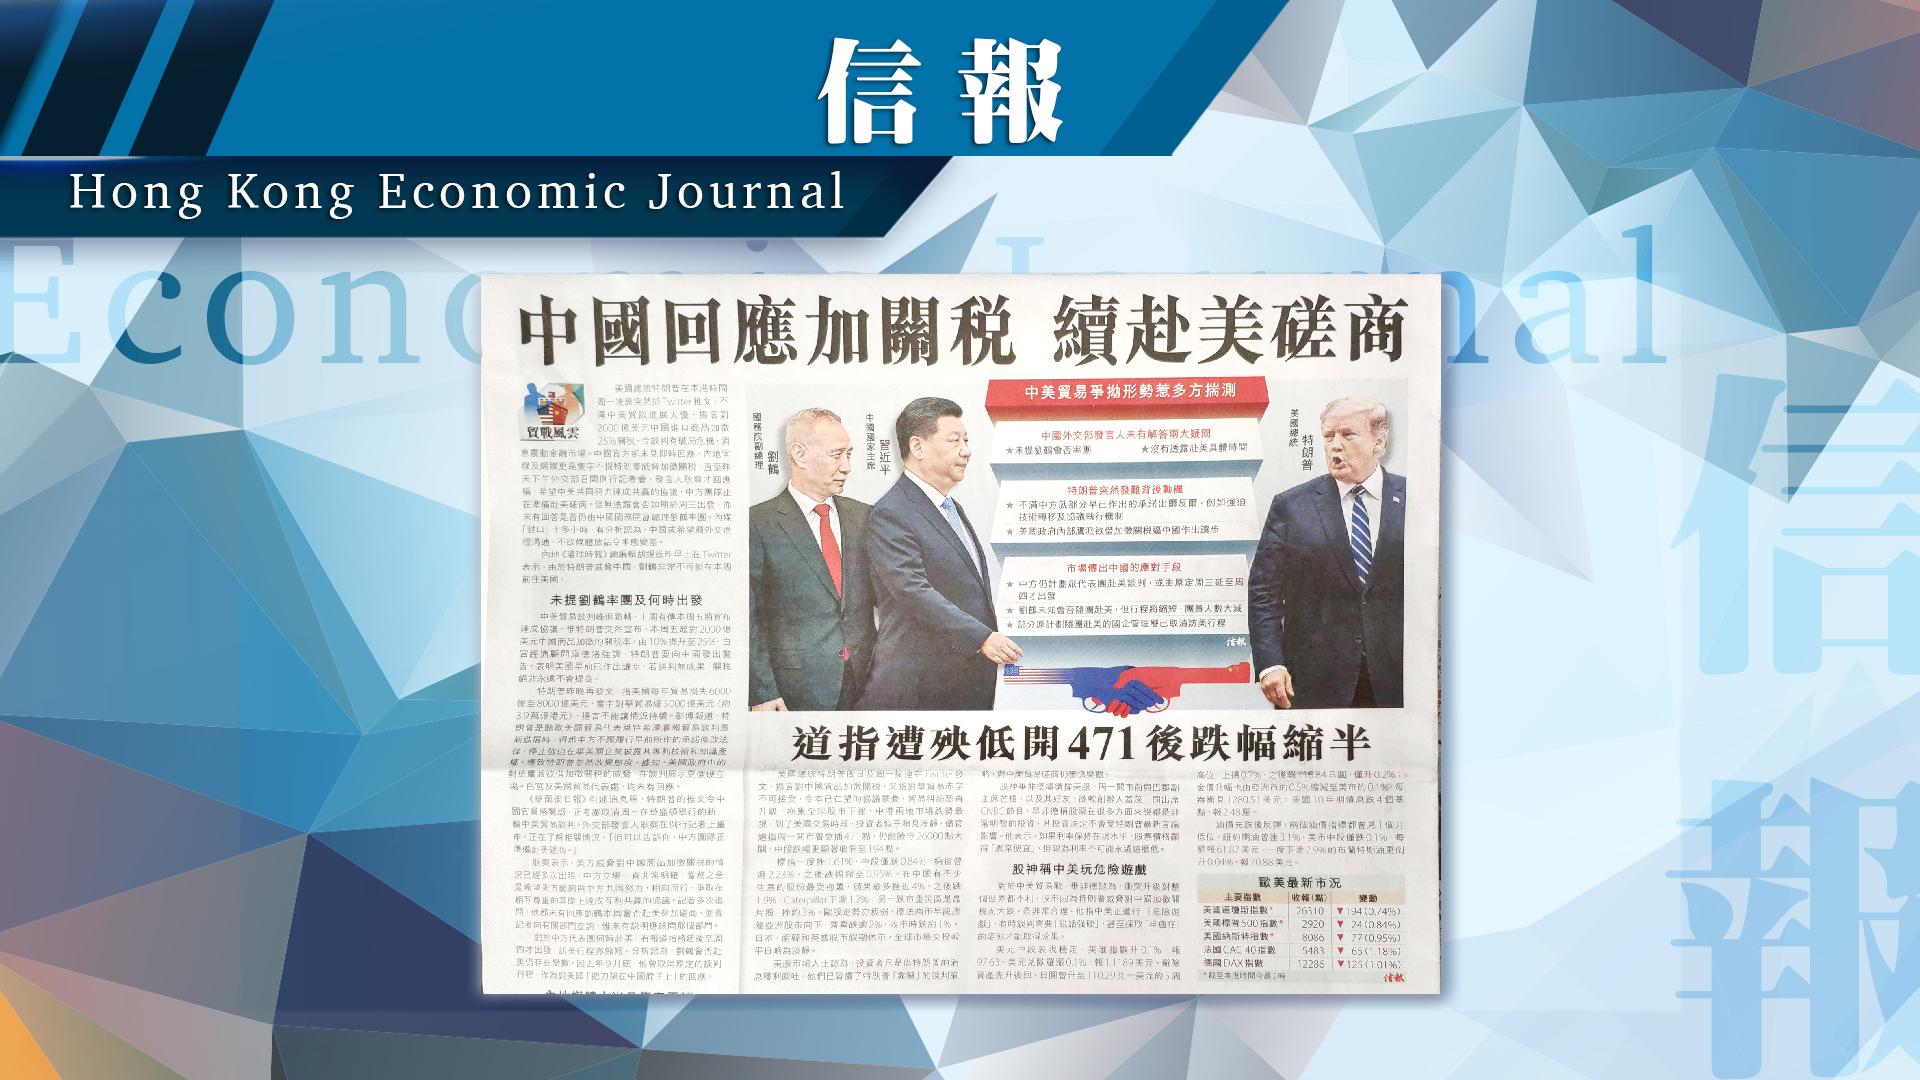 【報章A1速覽】中國回應加關稅 續赴美磋商;反對派毒招拉布 非法自選山寨王